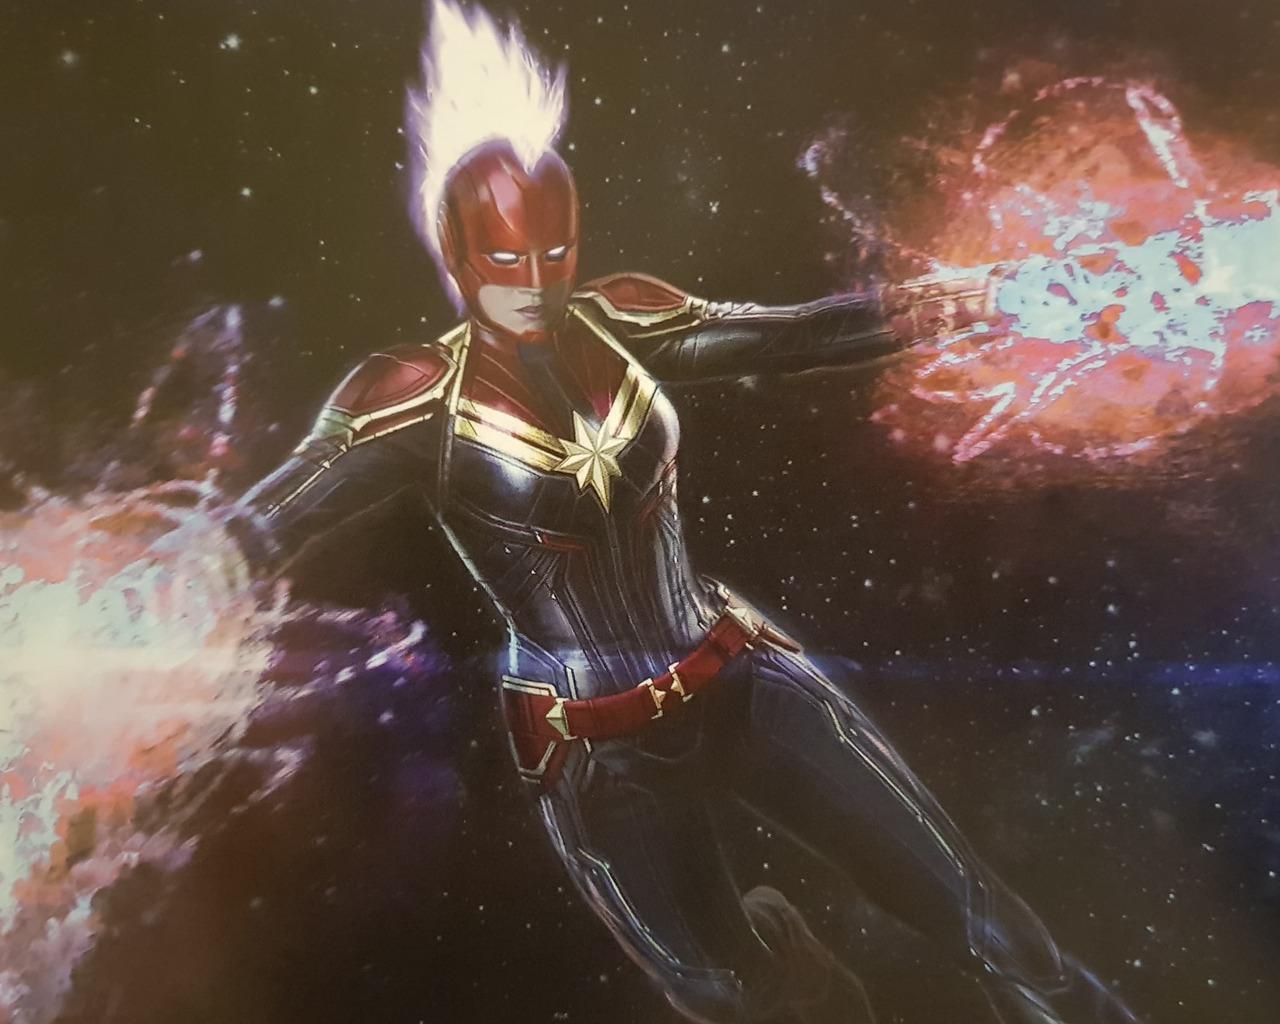 captain-marvel-concept-artworks-0j.jpg